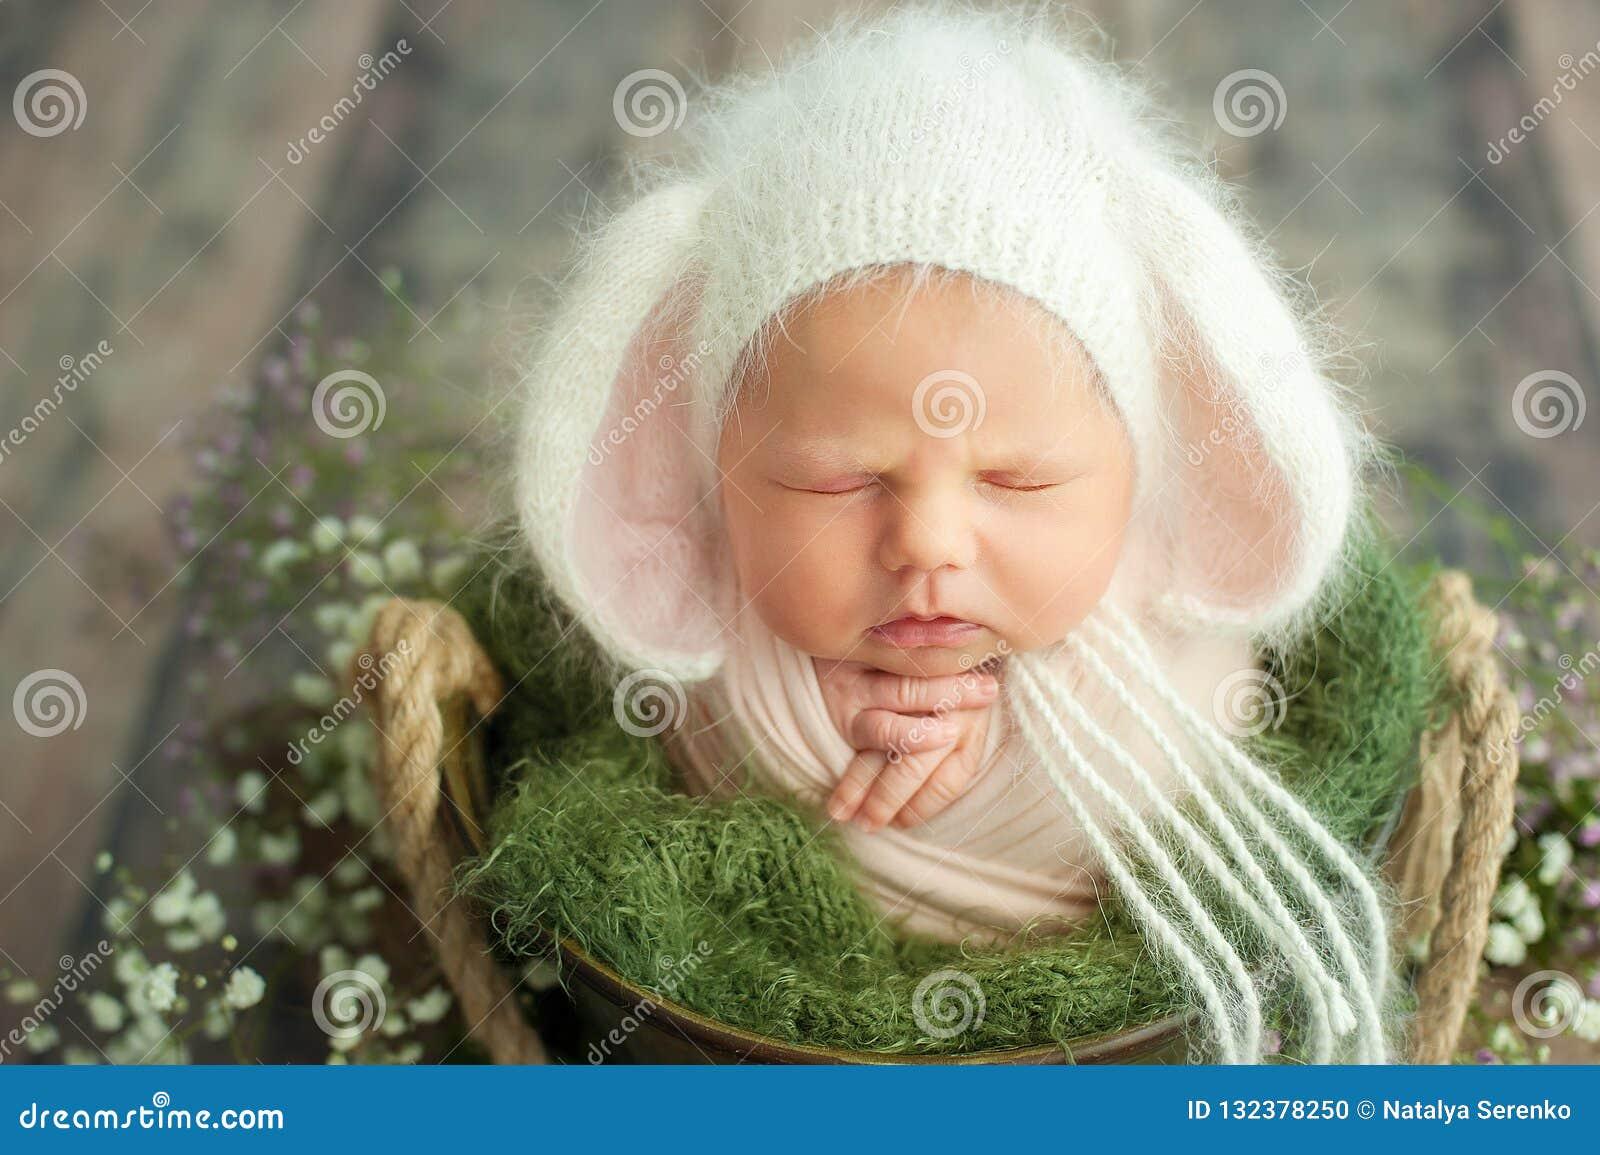 Inizio della vita e del concetto magico leggiadramente felice di infanzia Il neonato sorridente di 10 giorni sta dormendo sul fon